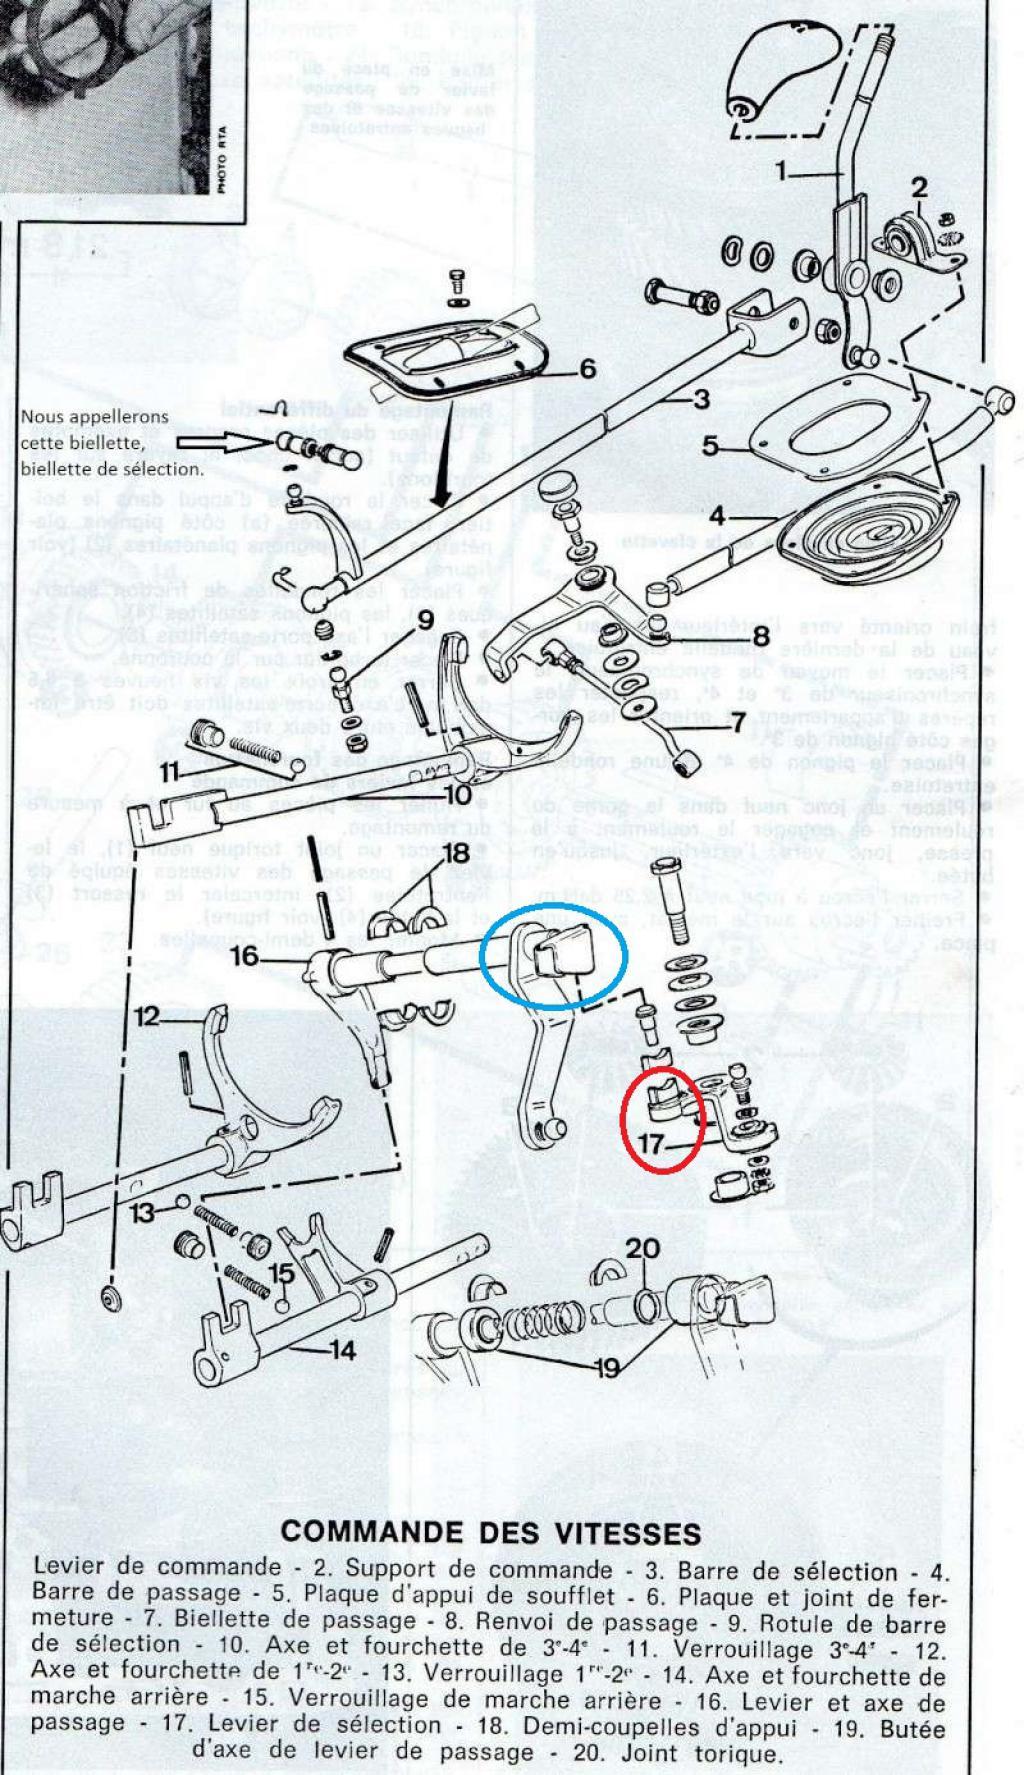 Panne de vitesses  Rta-samba-55e73cb